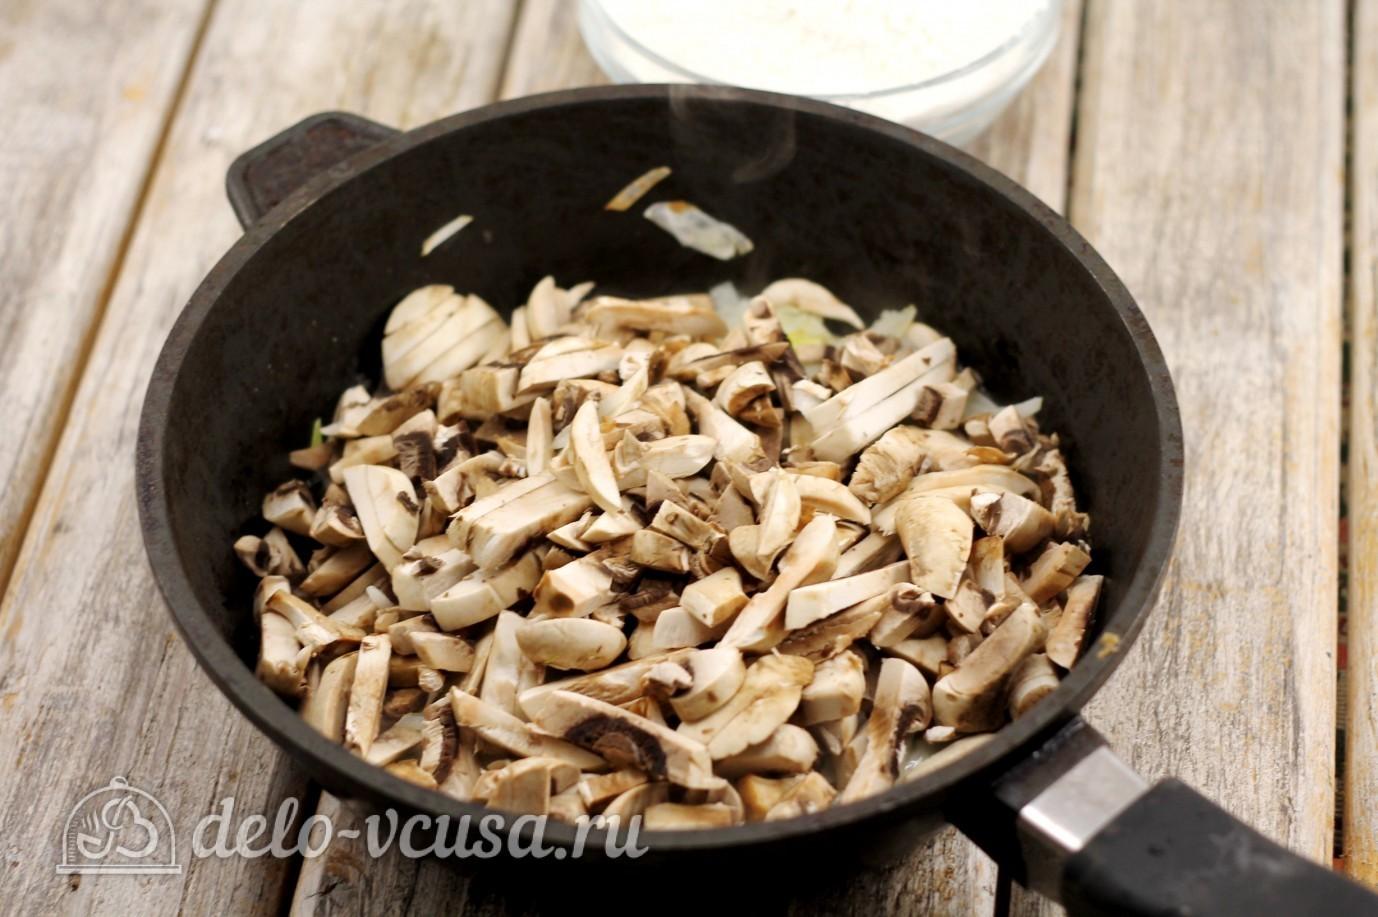 Жульен с курицей: Добавить грибы